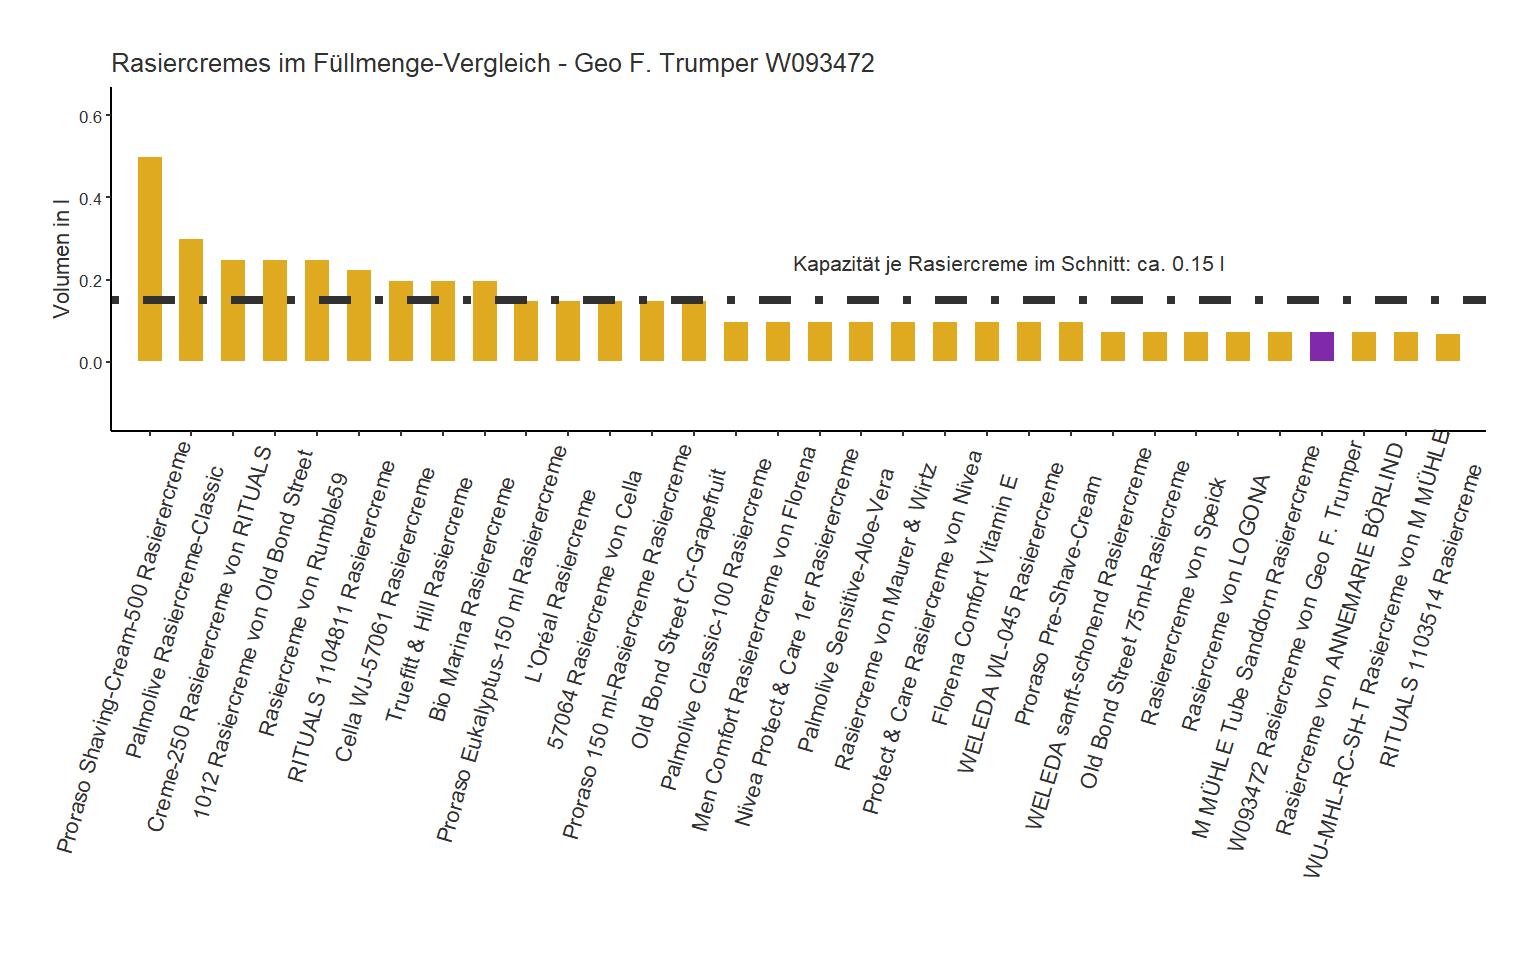 Kapazität-Vergleich von der Geo F. Trumper Rasierercreme W093472